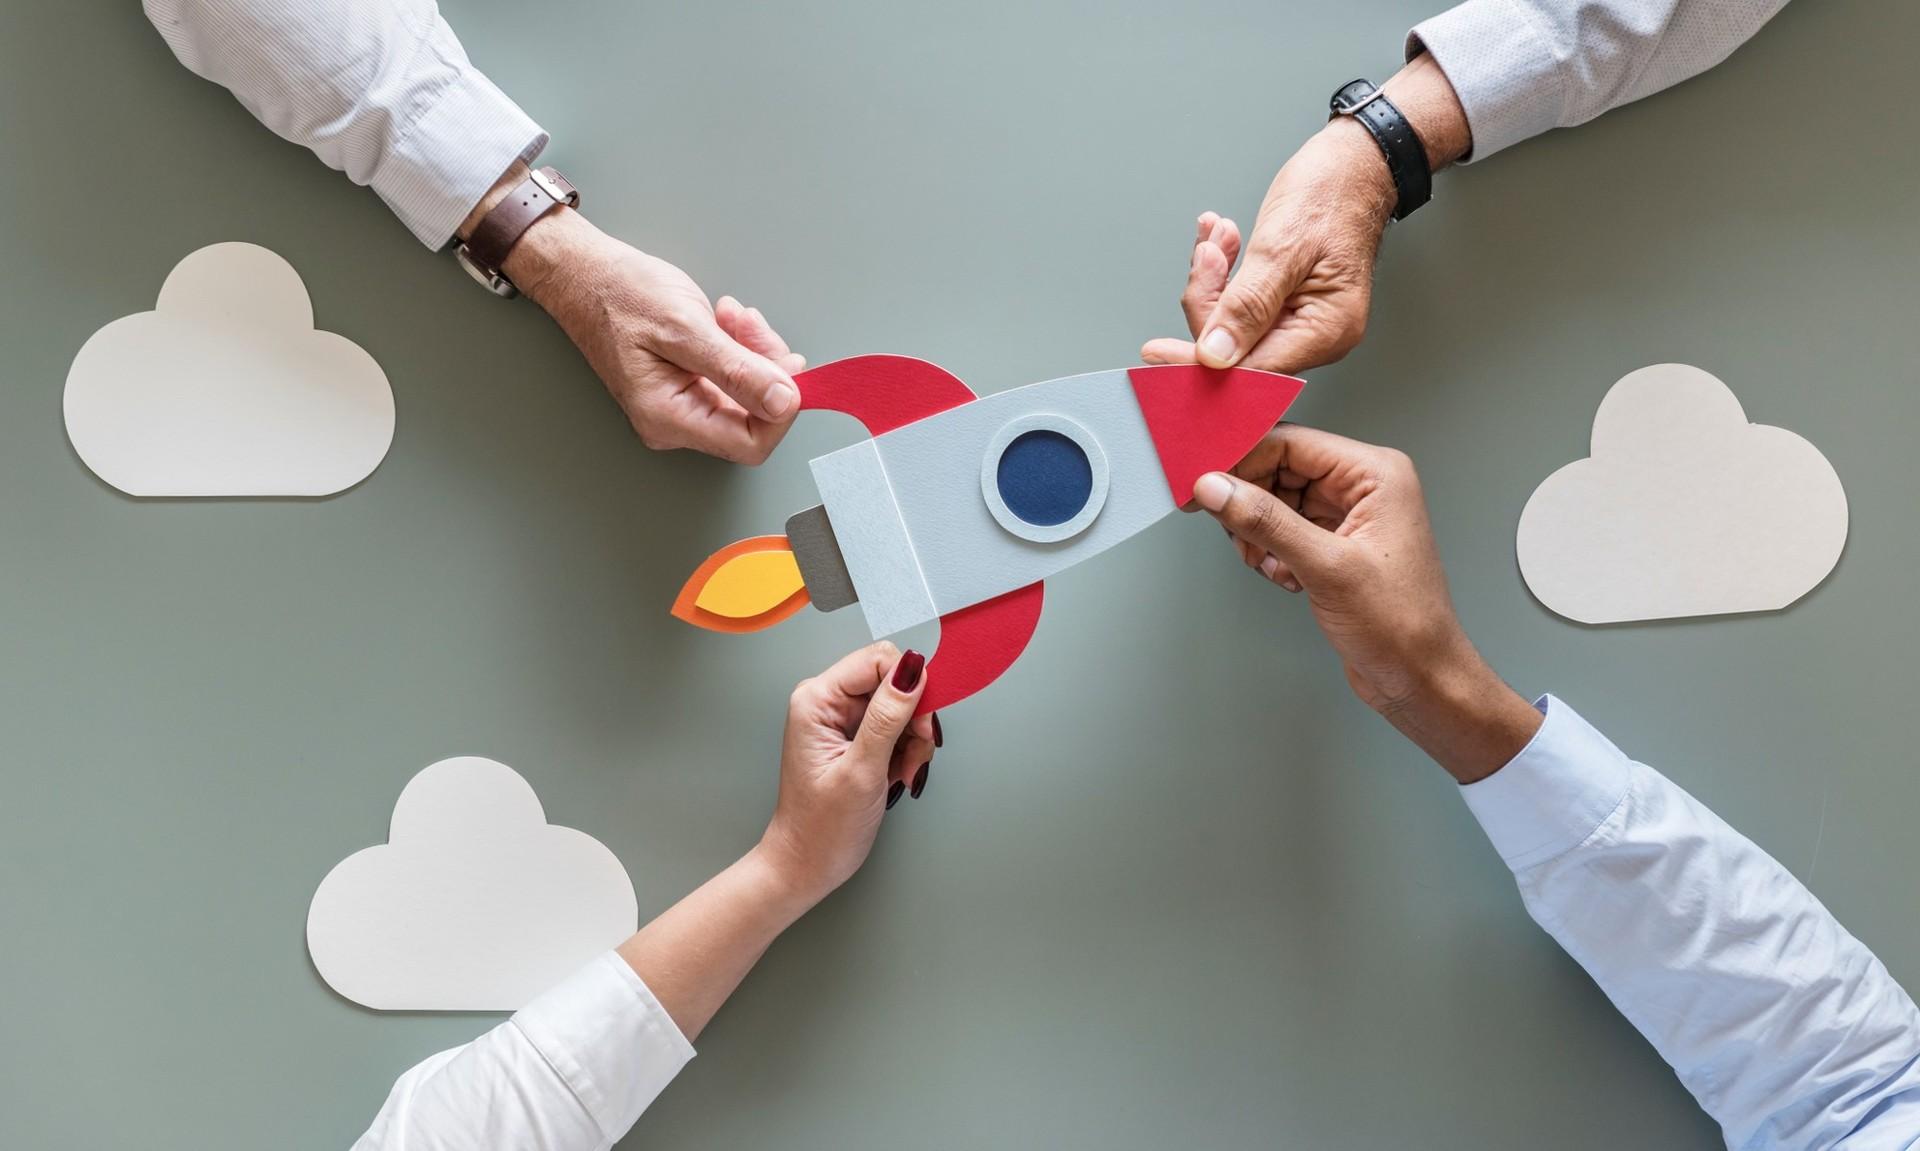 위너스샵은 혁신비즈니스, 신사업 교육, 컨설팅 전문기업 위너스랩에서 운영합니다! 위너스랩 홈페이지 바로가기